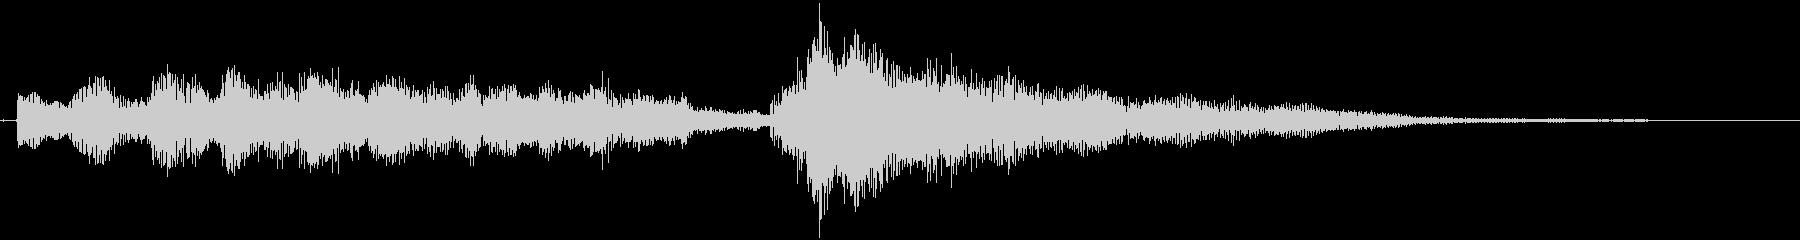 【エレキギター アルペジオ】の未再生の波形